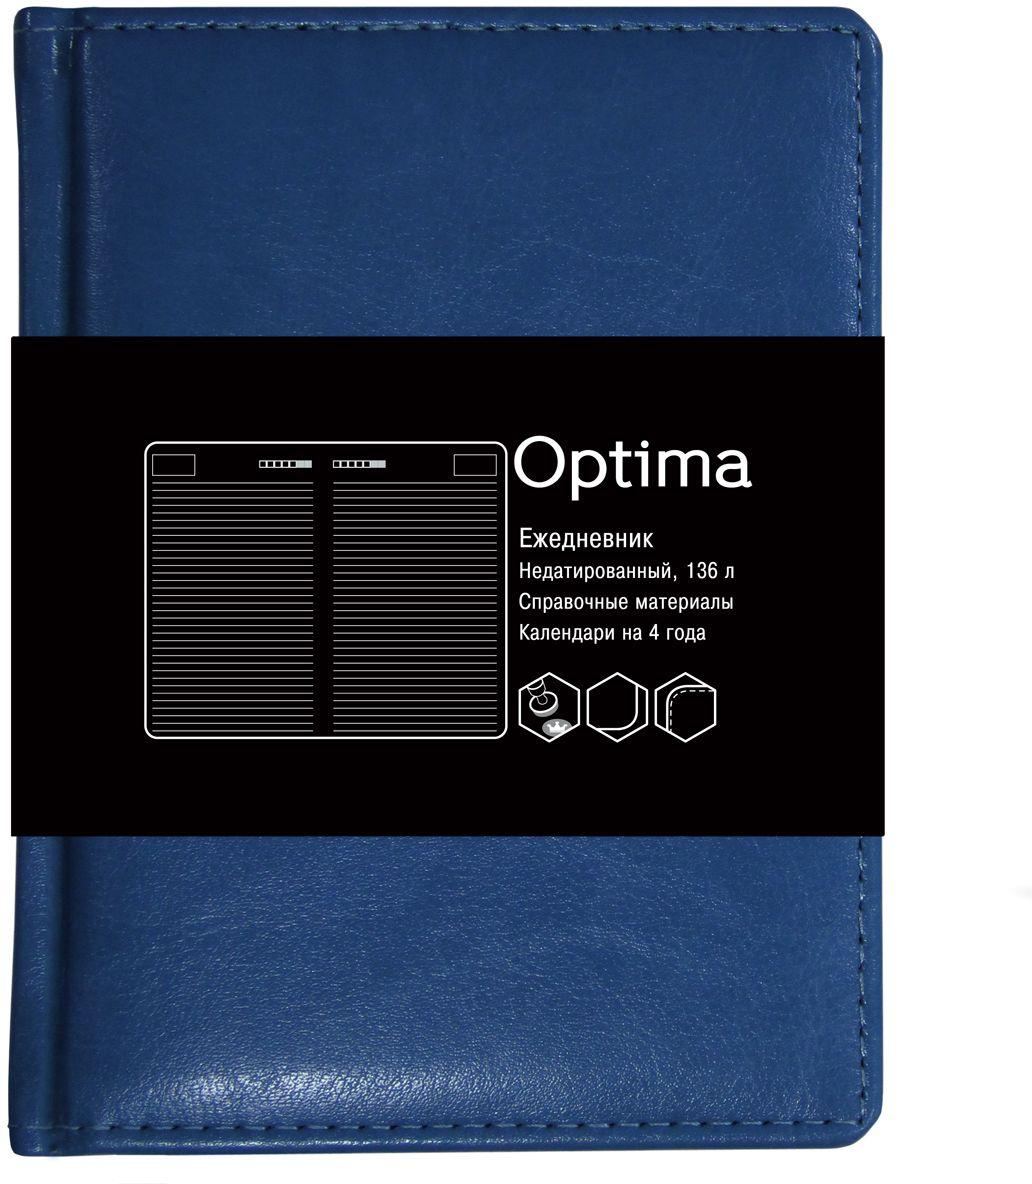 Канц-Эксмо Ежедневник Optima недатированный 136 листов цвет синий формат A6ЕКО61813603Недатированный ежедневник Канц-Эксмо Optima формата А6 великолепно подойдет для записей и заметок. Ежедневник имеет сшитый внутренний блок из белой офсетной бумаги плотностью 60гр/м2 с разметкой в линейку и закругленными углами. Обложка выполнена из высококачественной искусственной кожи, уплотненной поролоном. Изделие дополнено справочными материалами и календарями на 4 года.